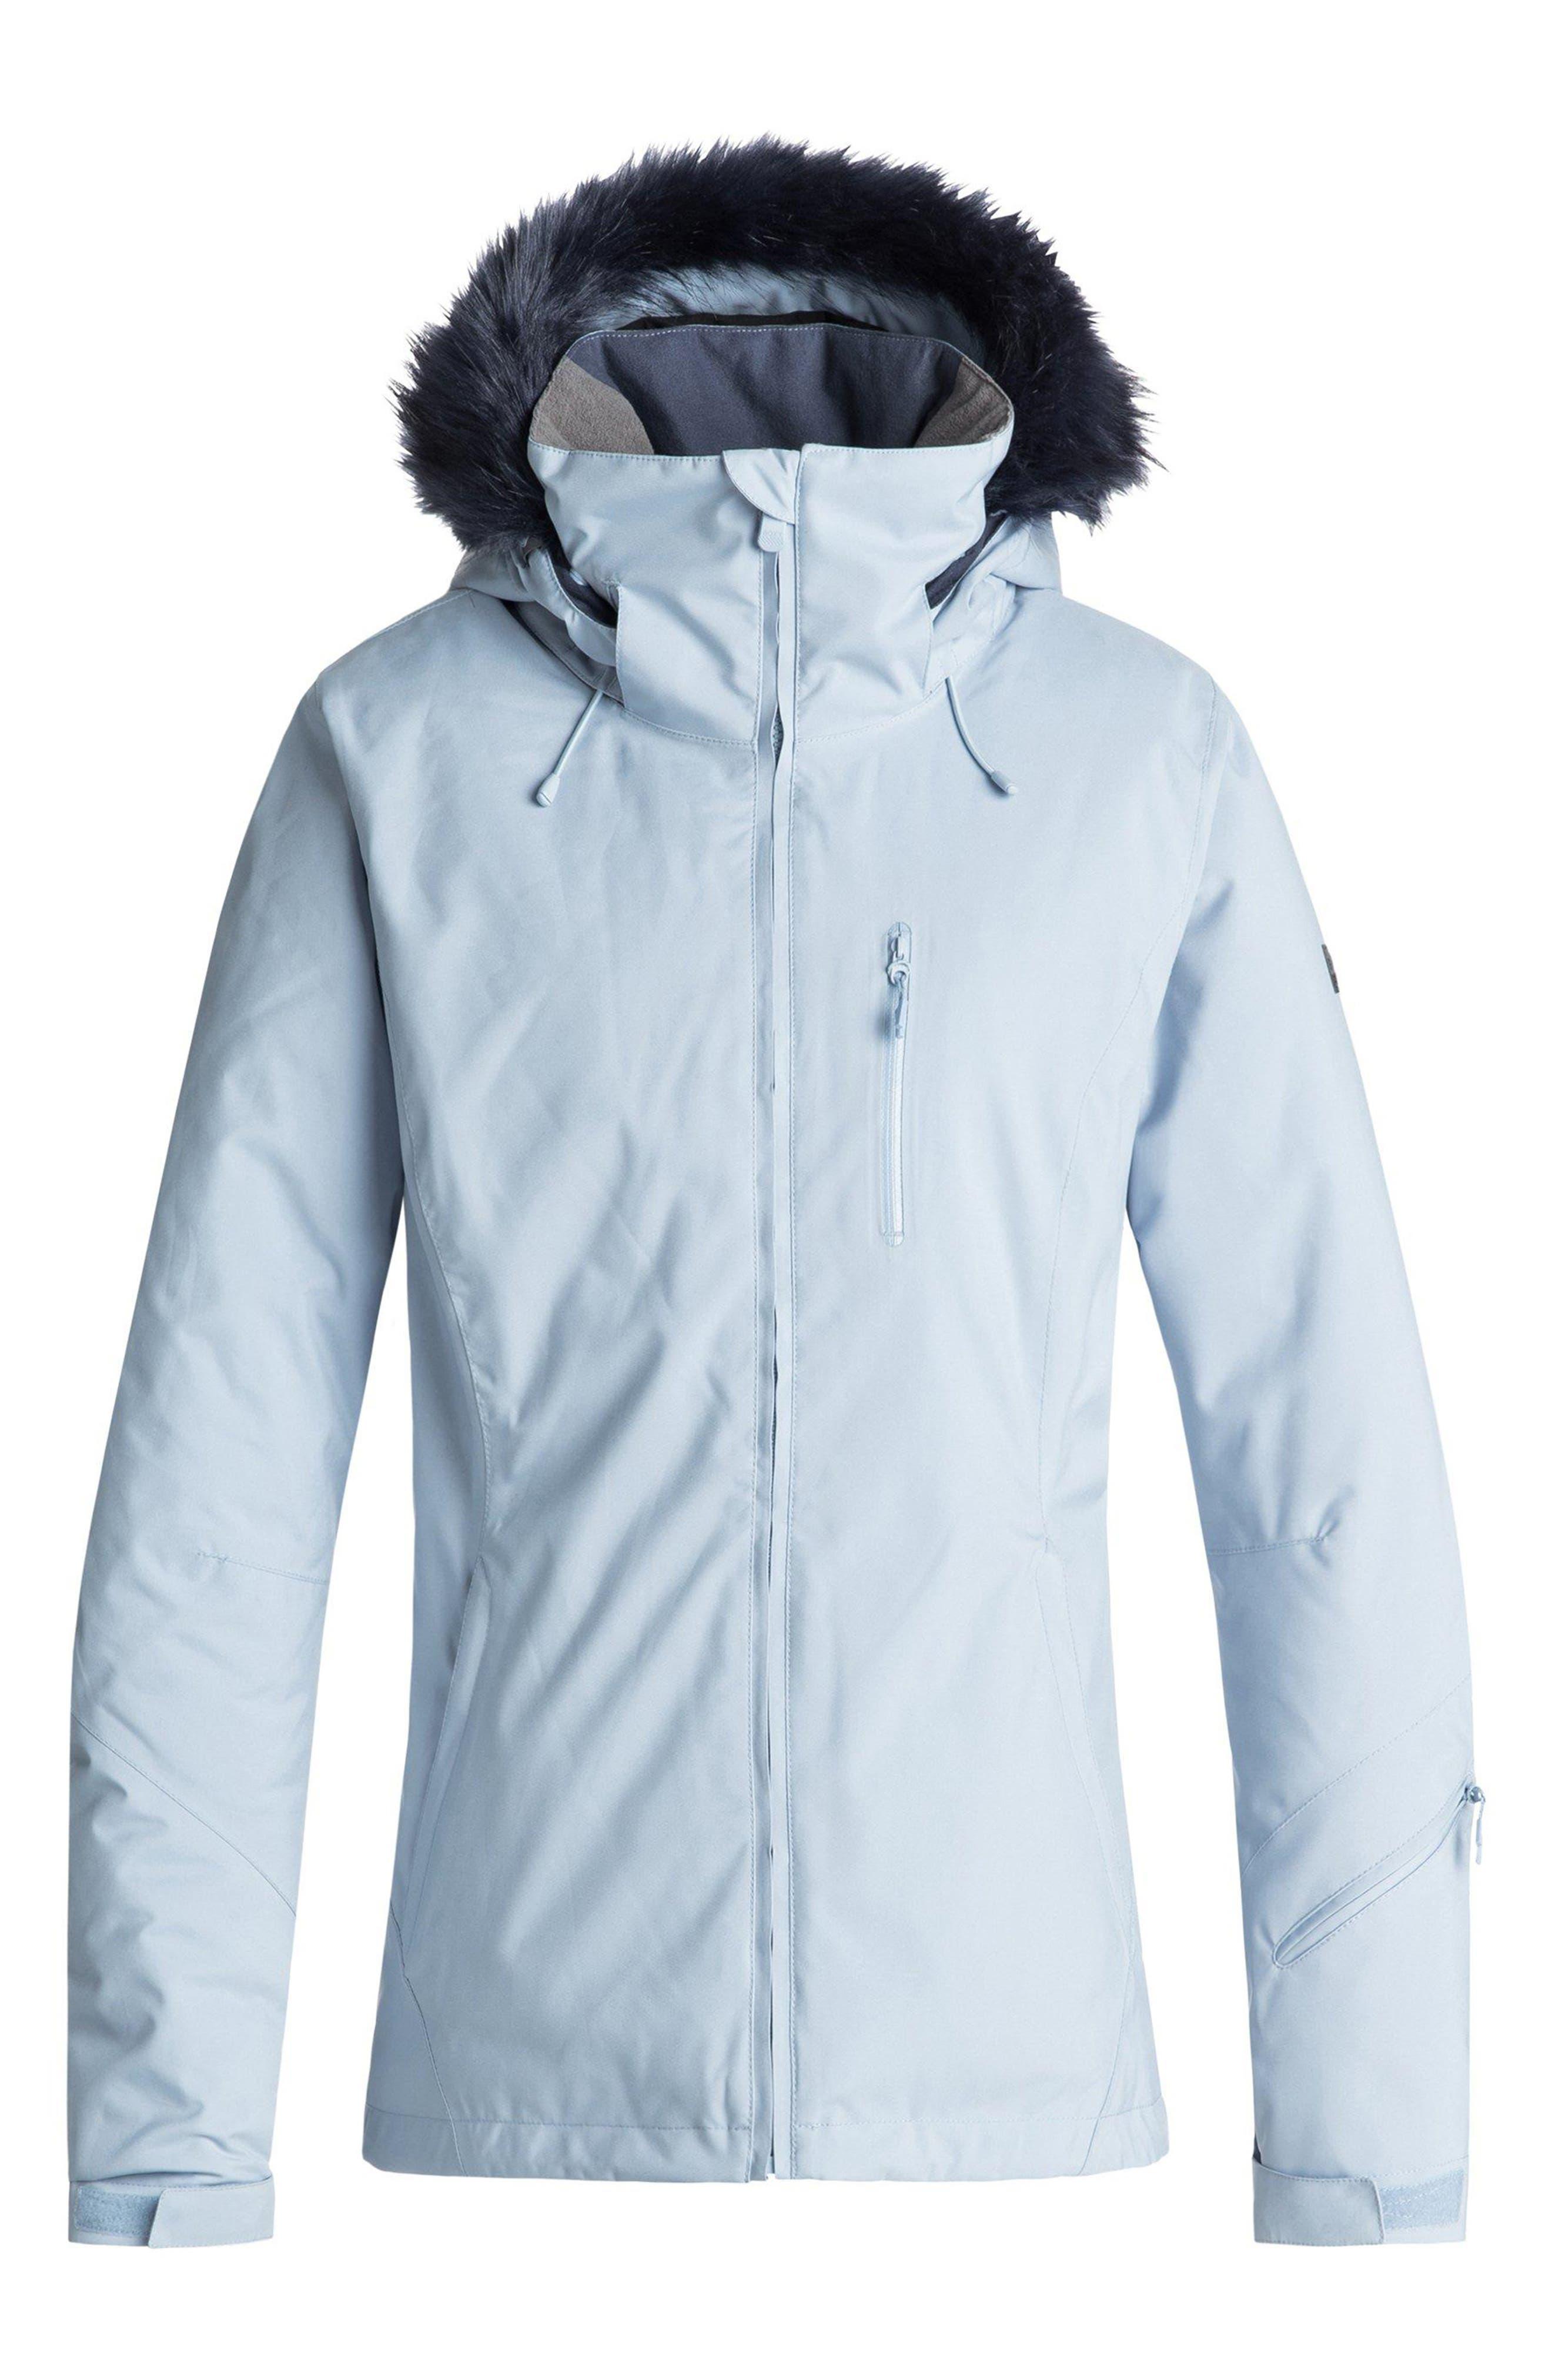 Down the Line Snow Jacket with Faux Fur Trim,                         Main,                         color, POWDER BLUE